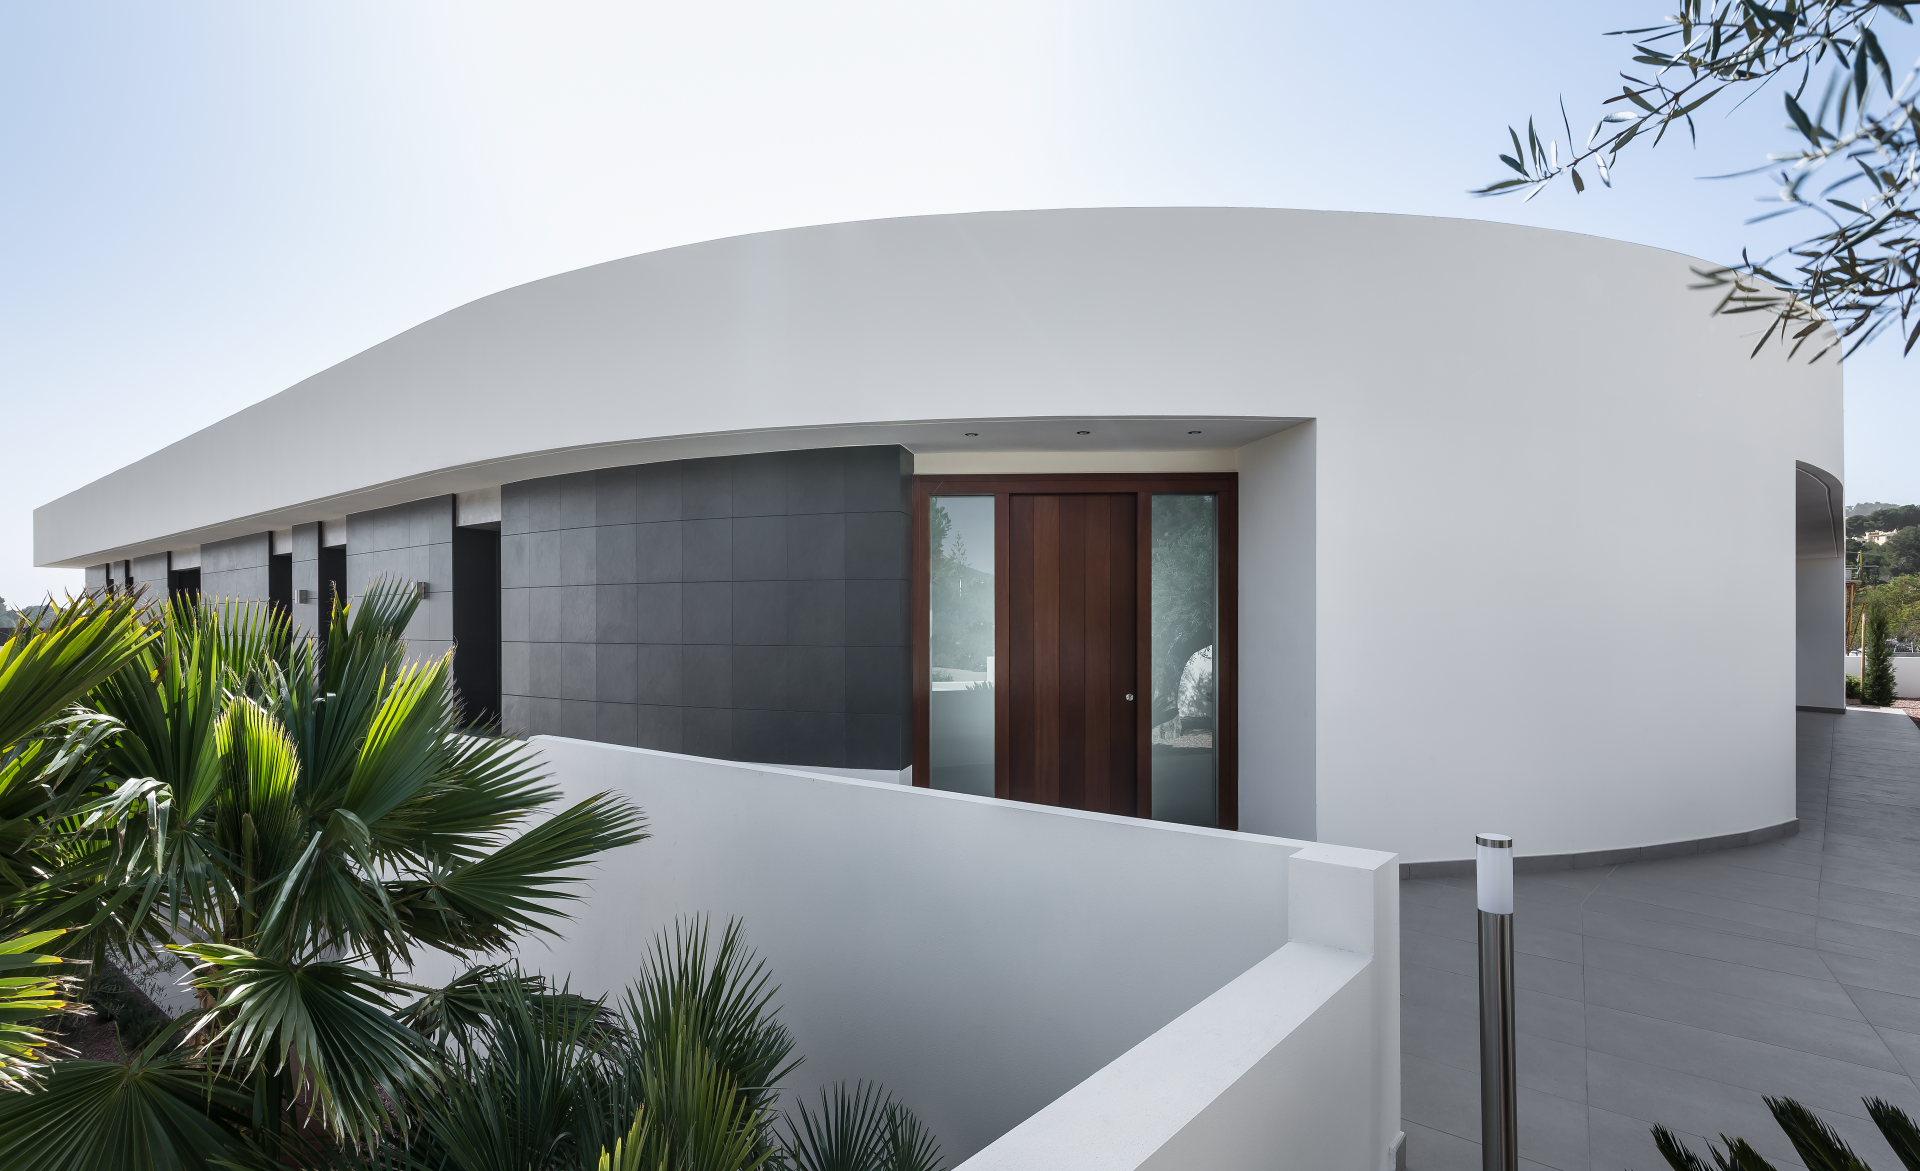 fotografia-arquitectura-valencia-alicante-moraira-german-cabo-pascual-giner (3)